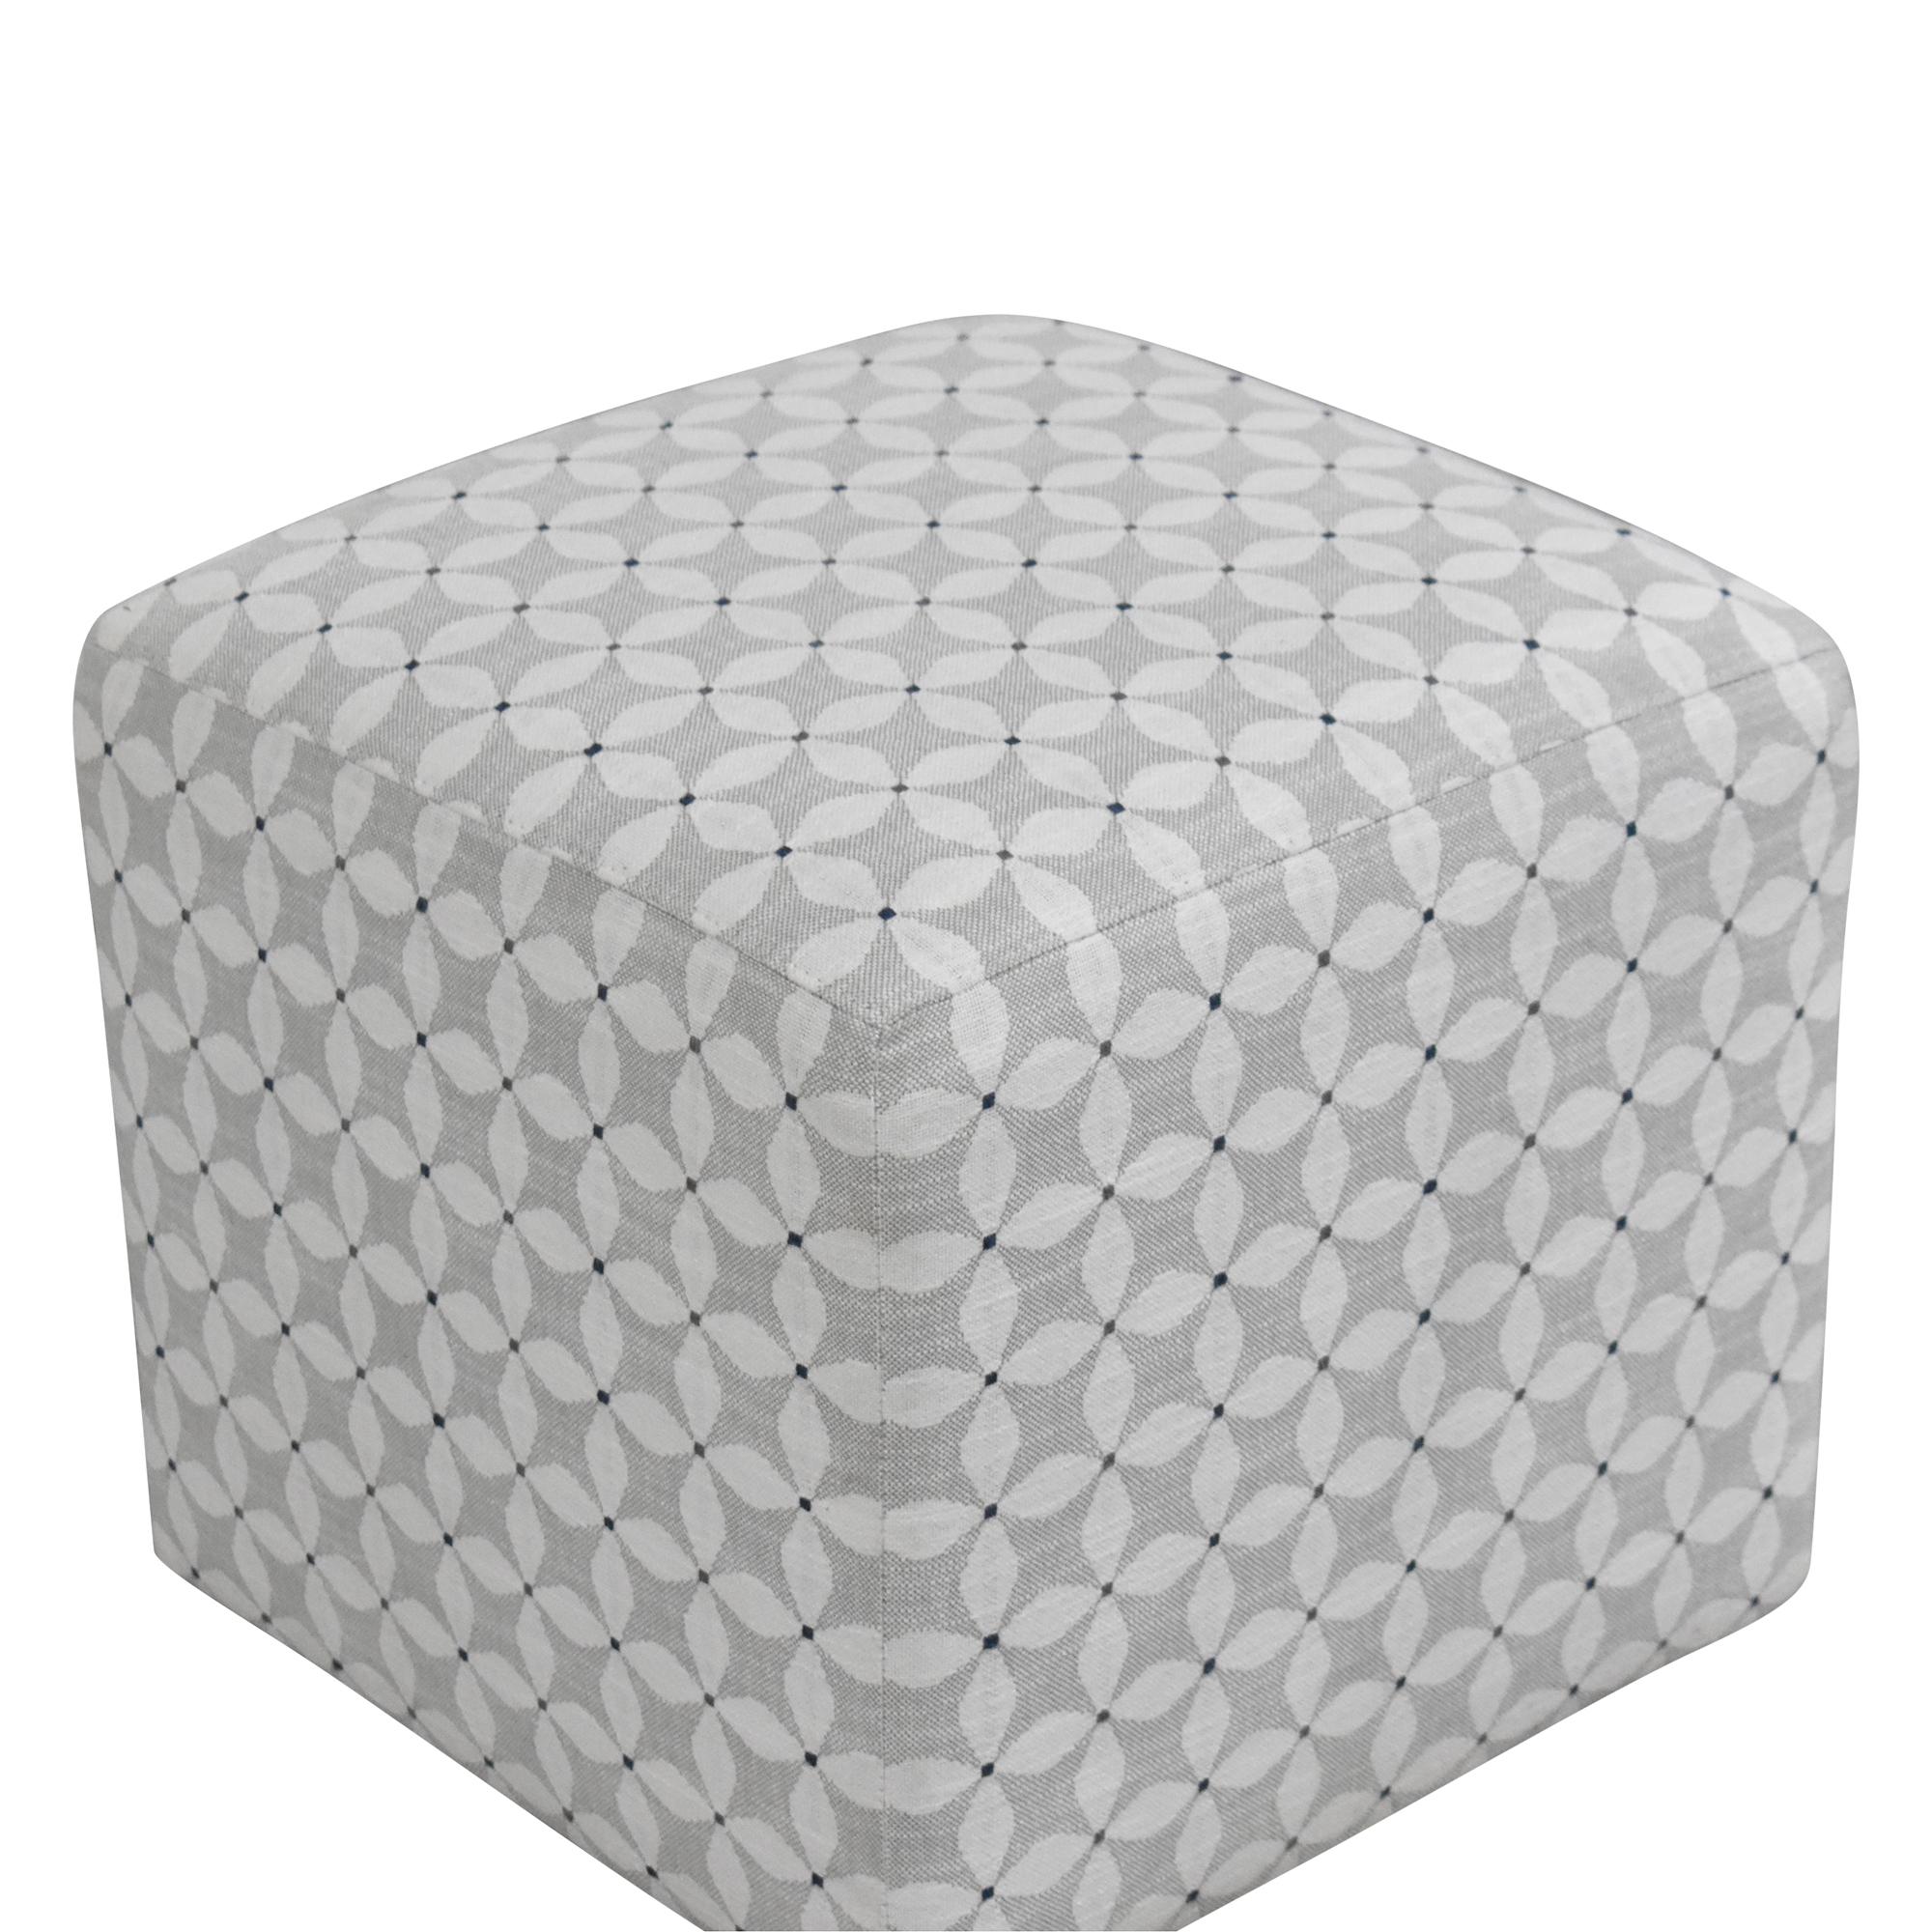 buy Crate & Barrel Crate & Barrel Mingle Ottoman online